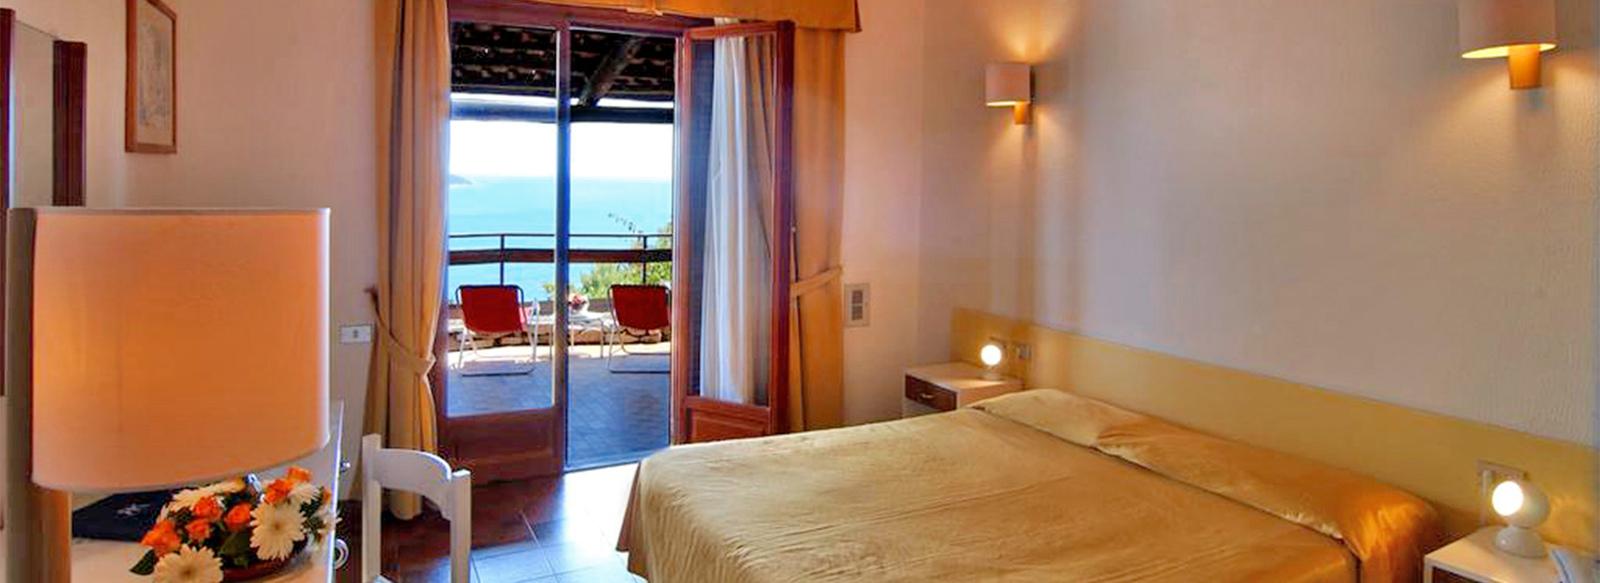 Hotel 4* sul promontorio di Capo Palinuro